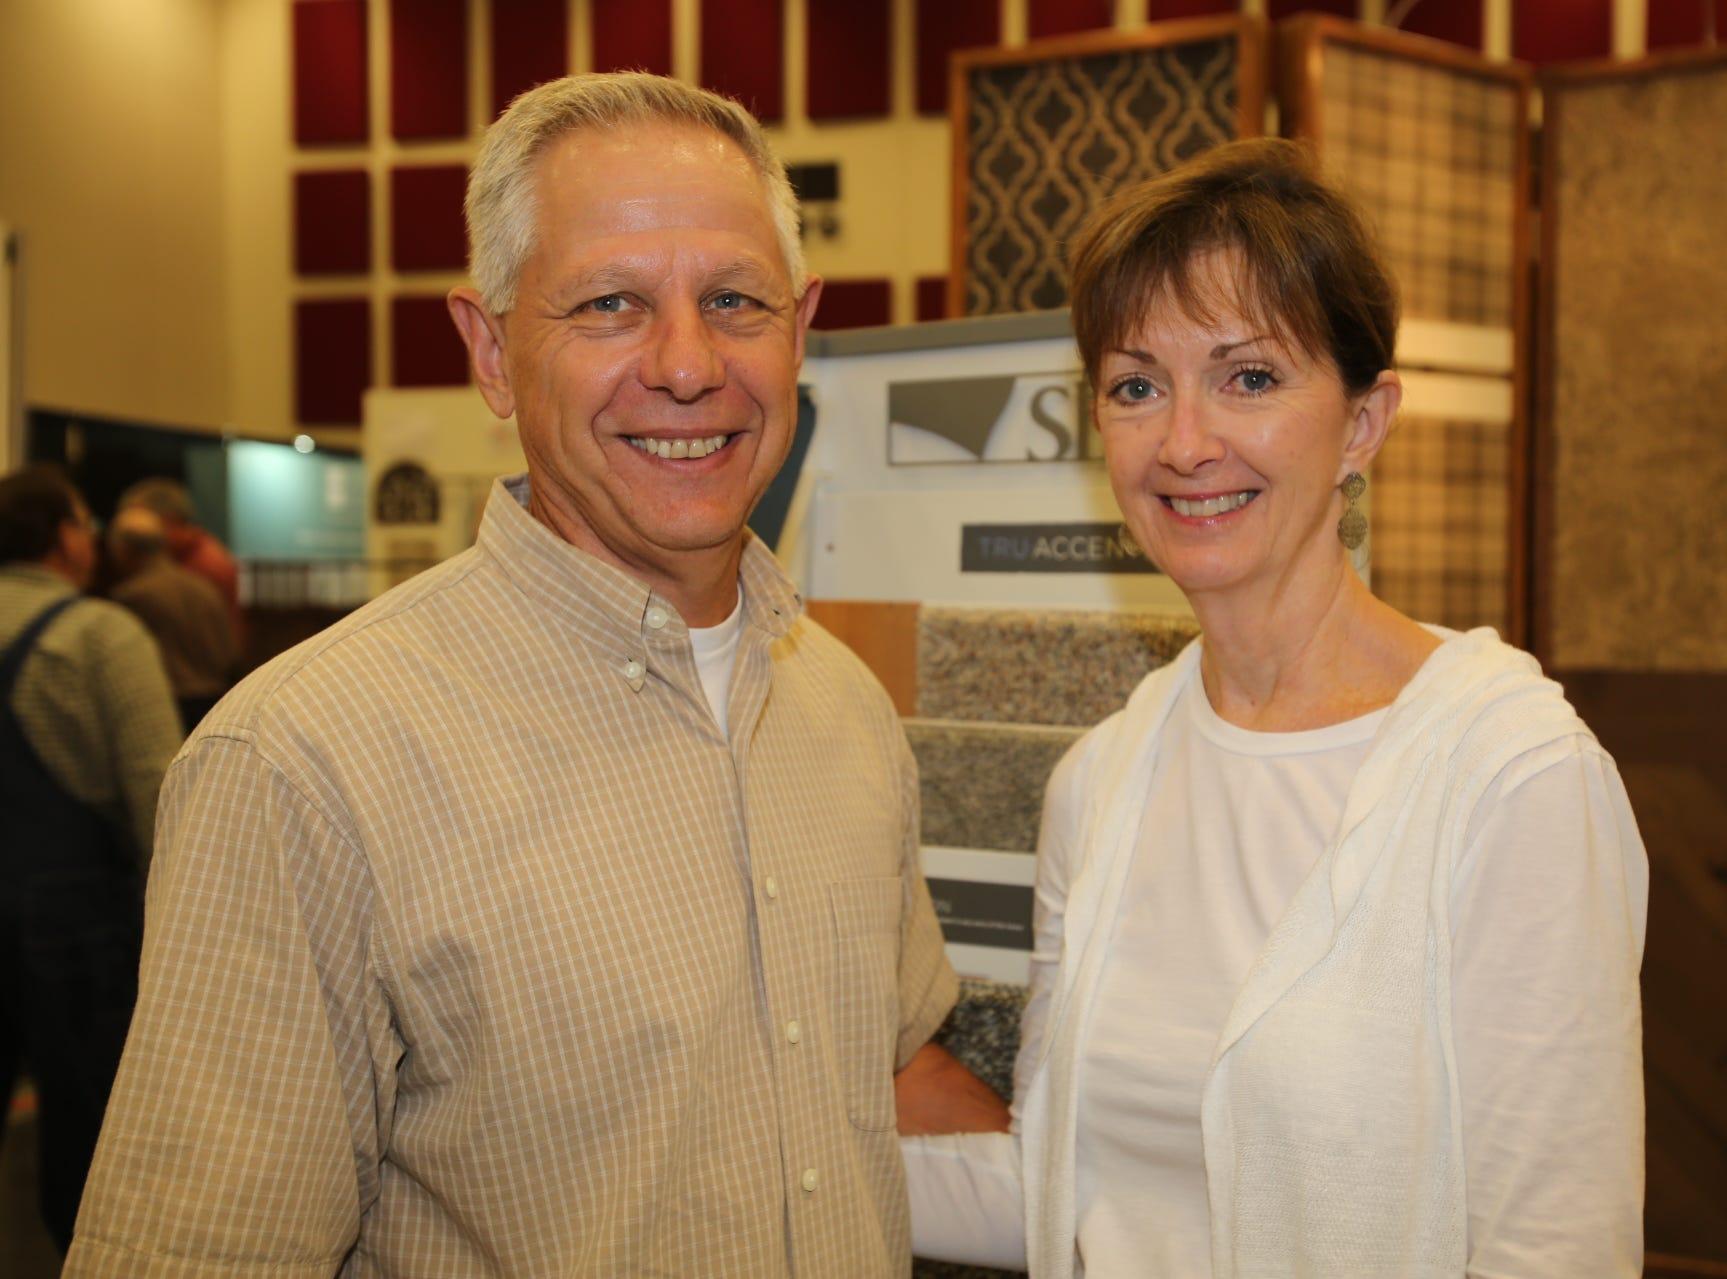 Keith and Sue Jones